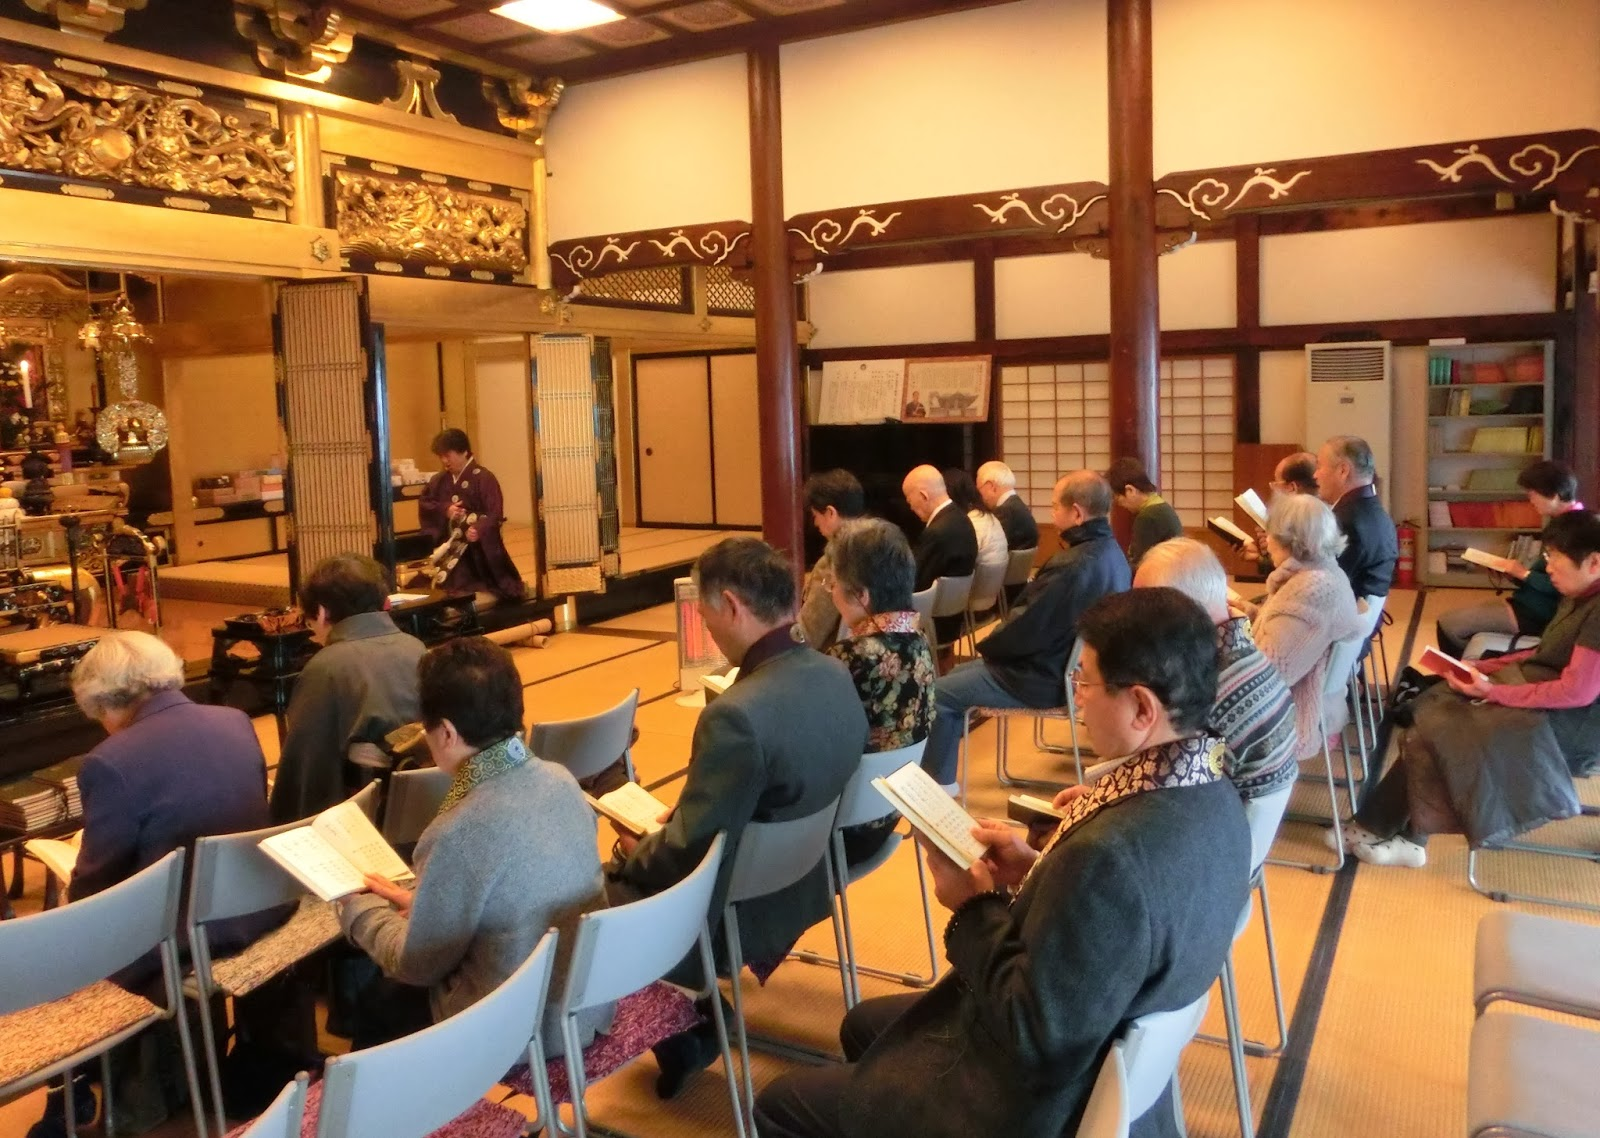 活動報告 活動報告: 26年1月 新年初参り法要 浄土寺の活動報告です   26年1月 新年初参